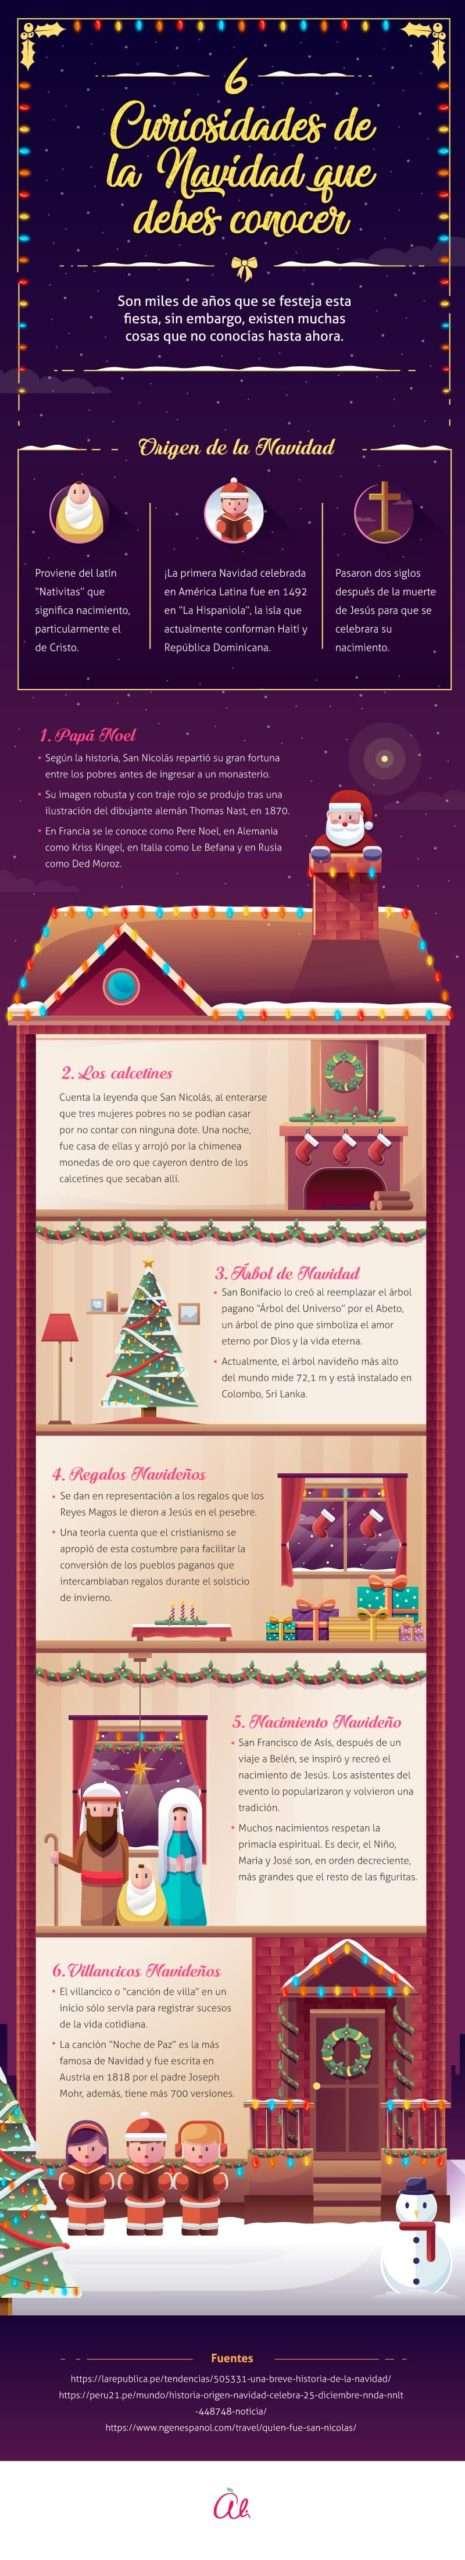 6 curiosidades de la navidad que deberías conocer 3